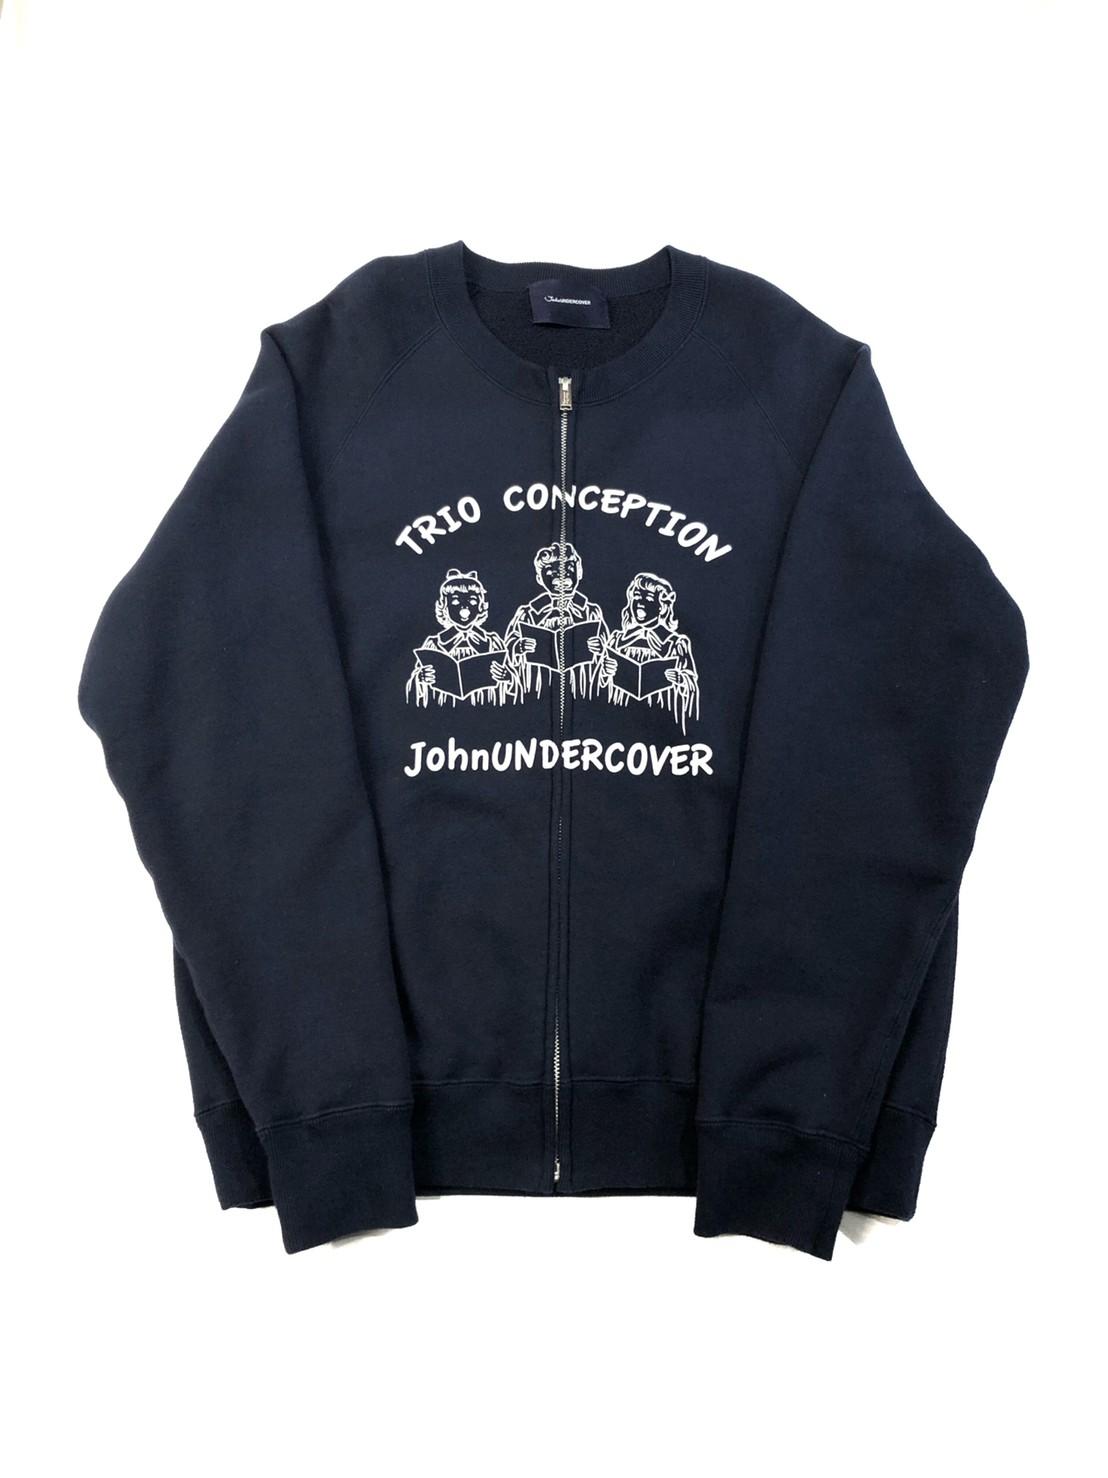 John UNDERCOVER